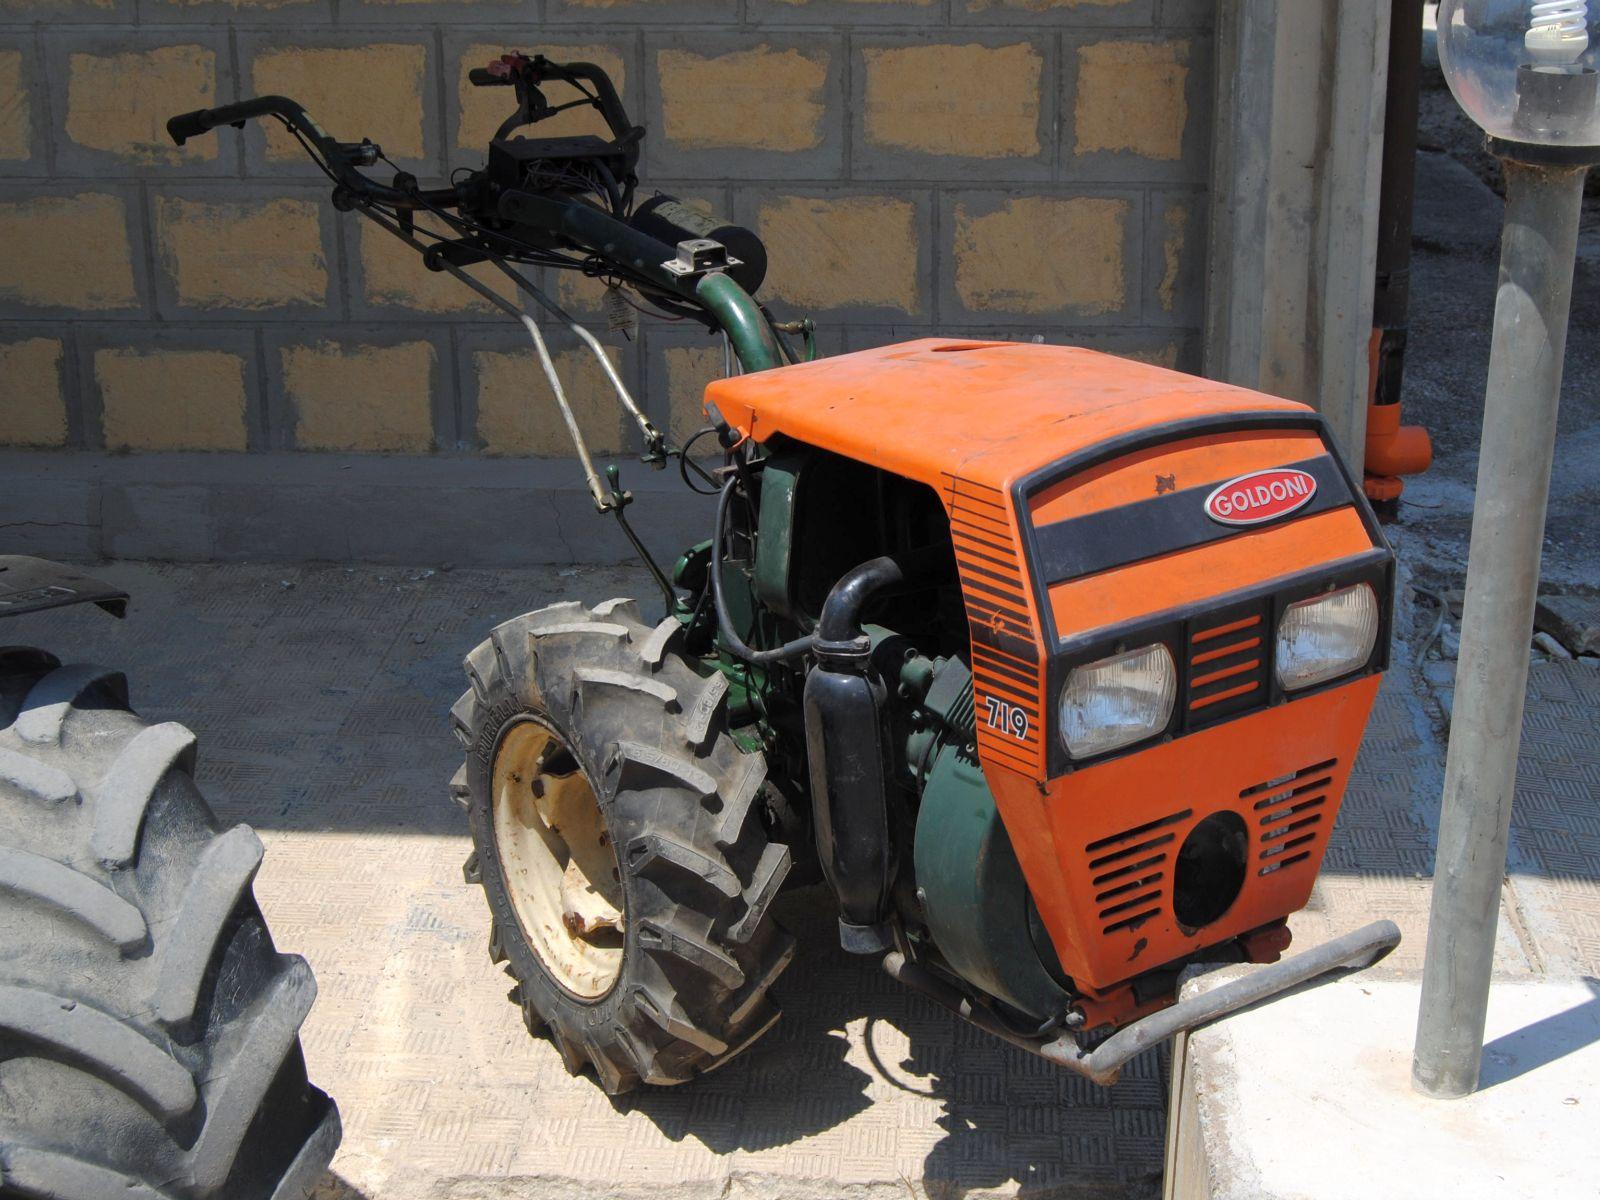 Subito it motozappe usate veneto dispositivo arresto for Attrezzi agricoli usati piemonte